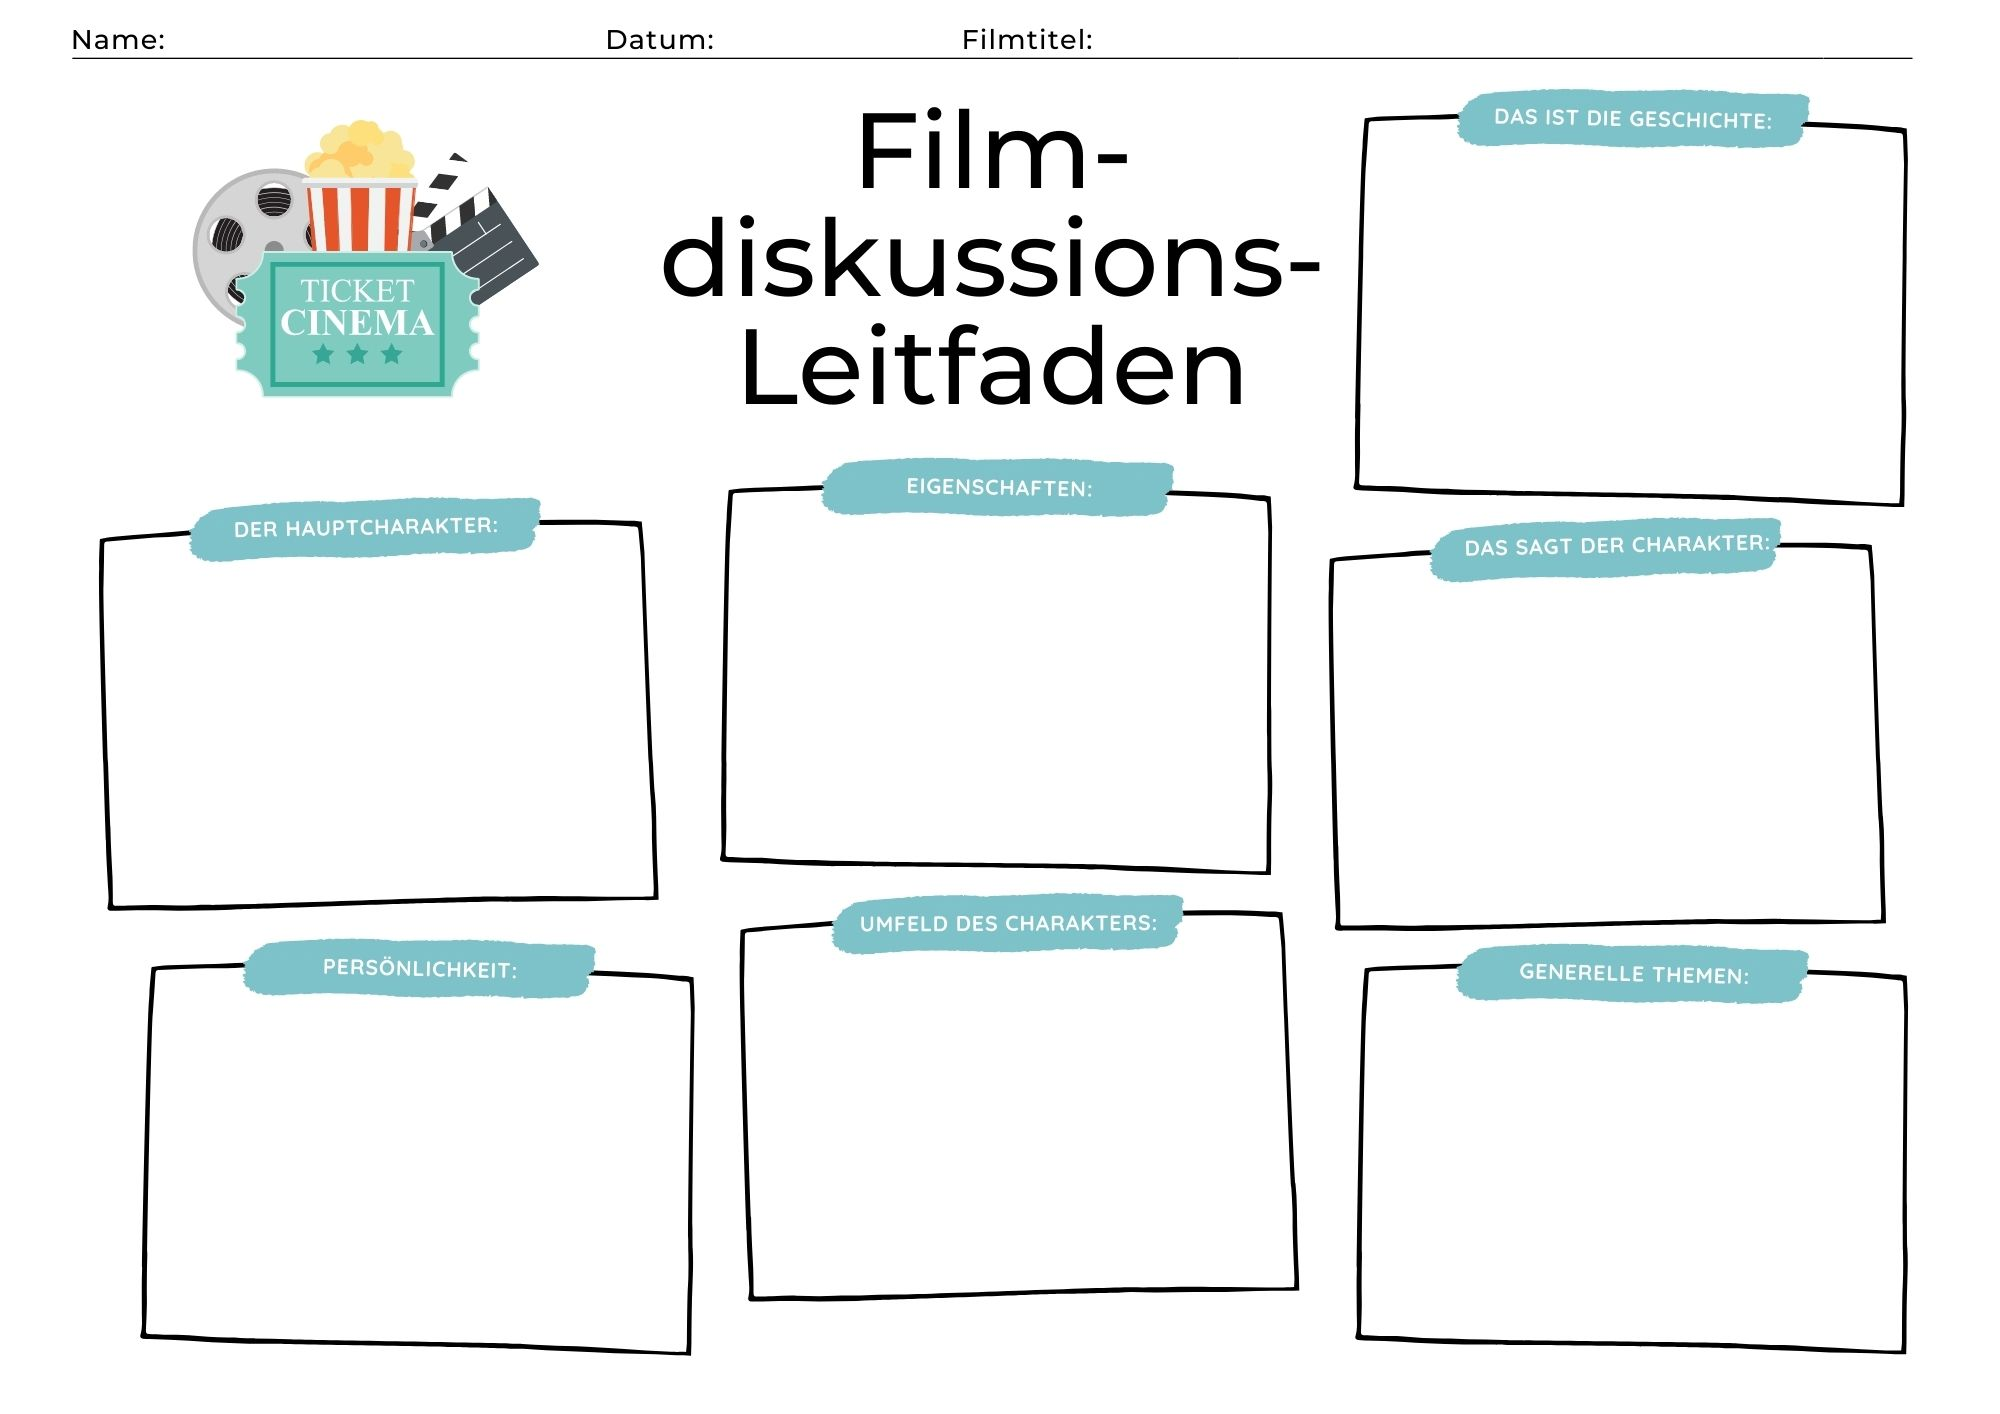 Filmdiskussion Leitfaden für Kinder